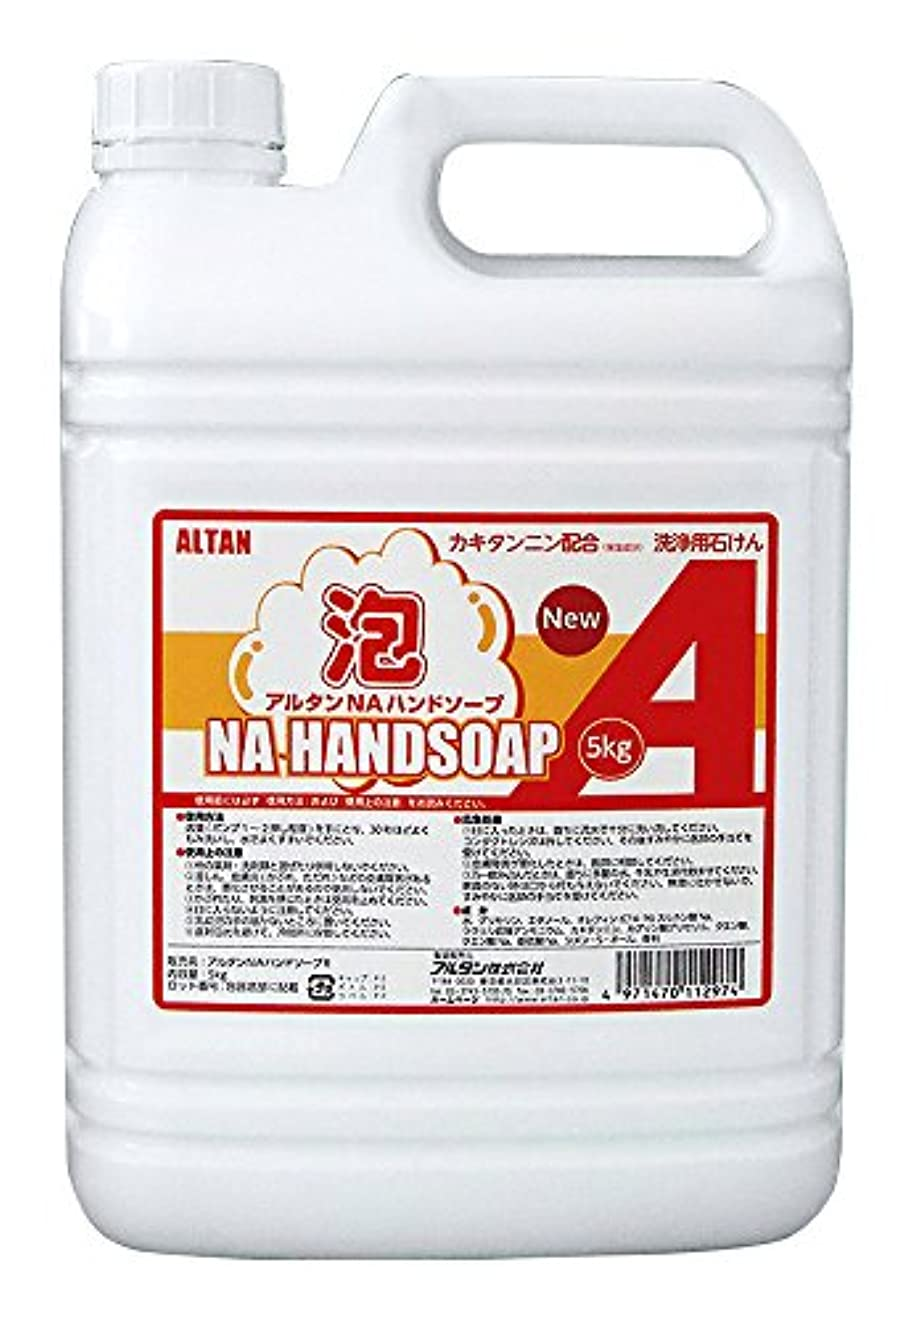 非難するダニもっと少なくALTAN 洗浄用石けん アルタンNA ハンドソープ 泡タイプ 5kg